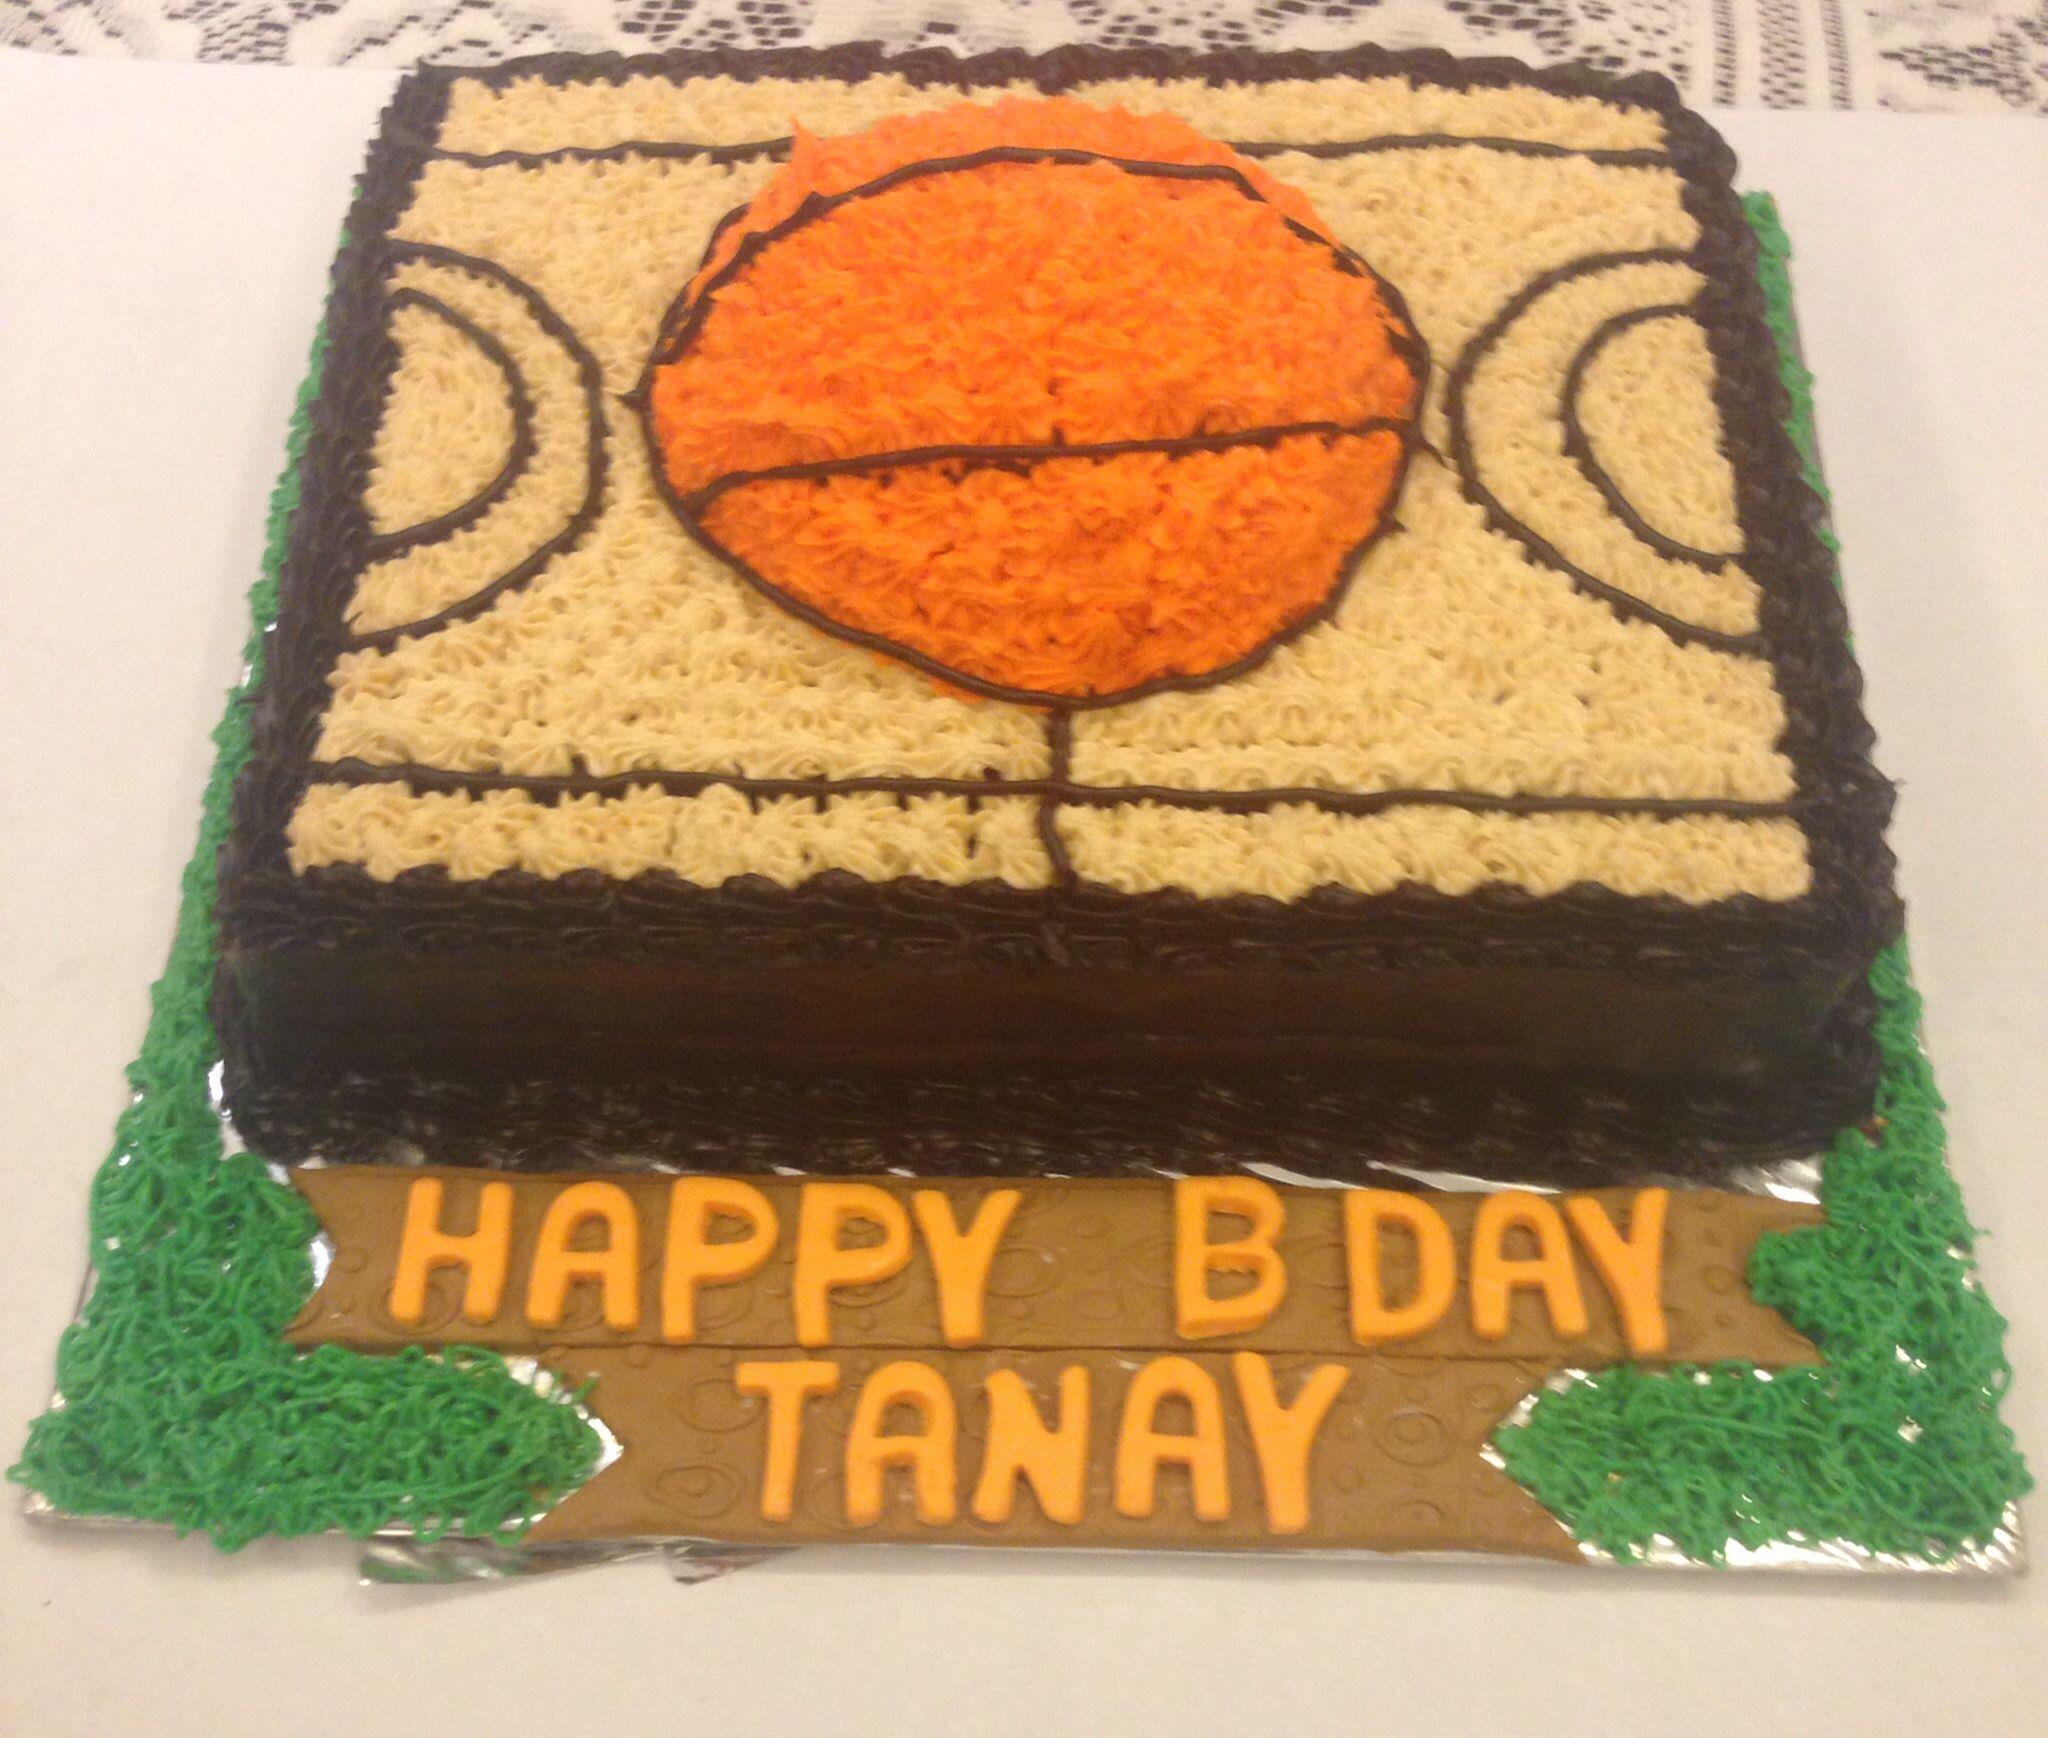 Cake for a basket ball fan!!!